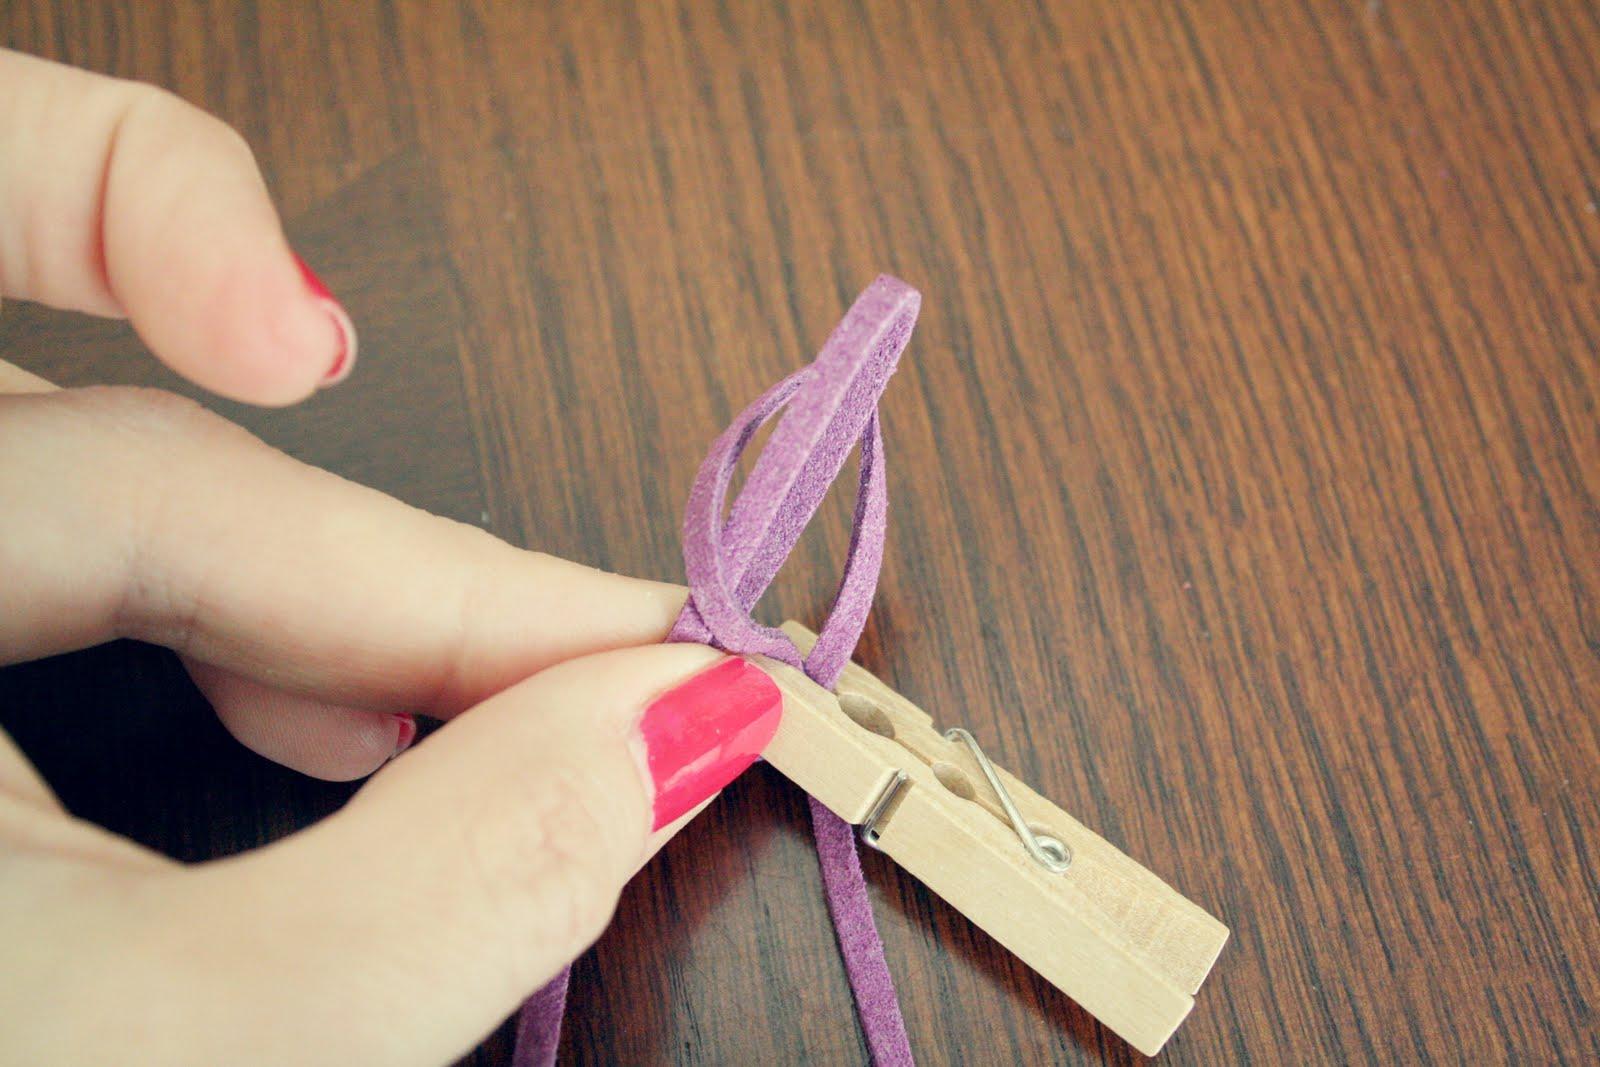 how to make a slip knotr